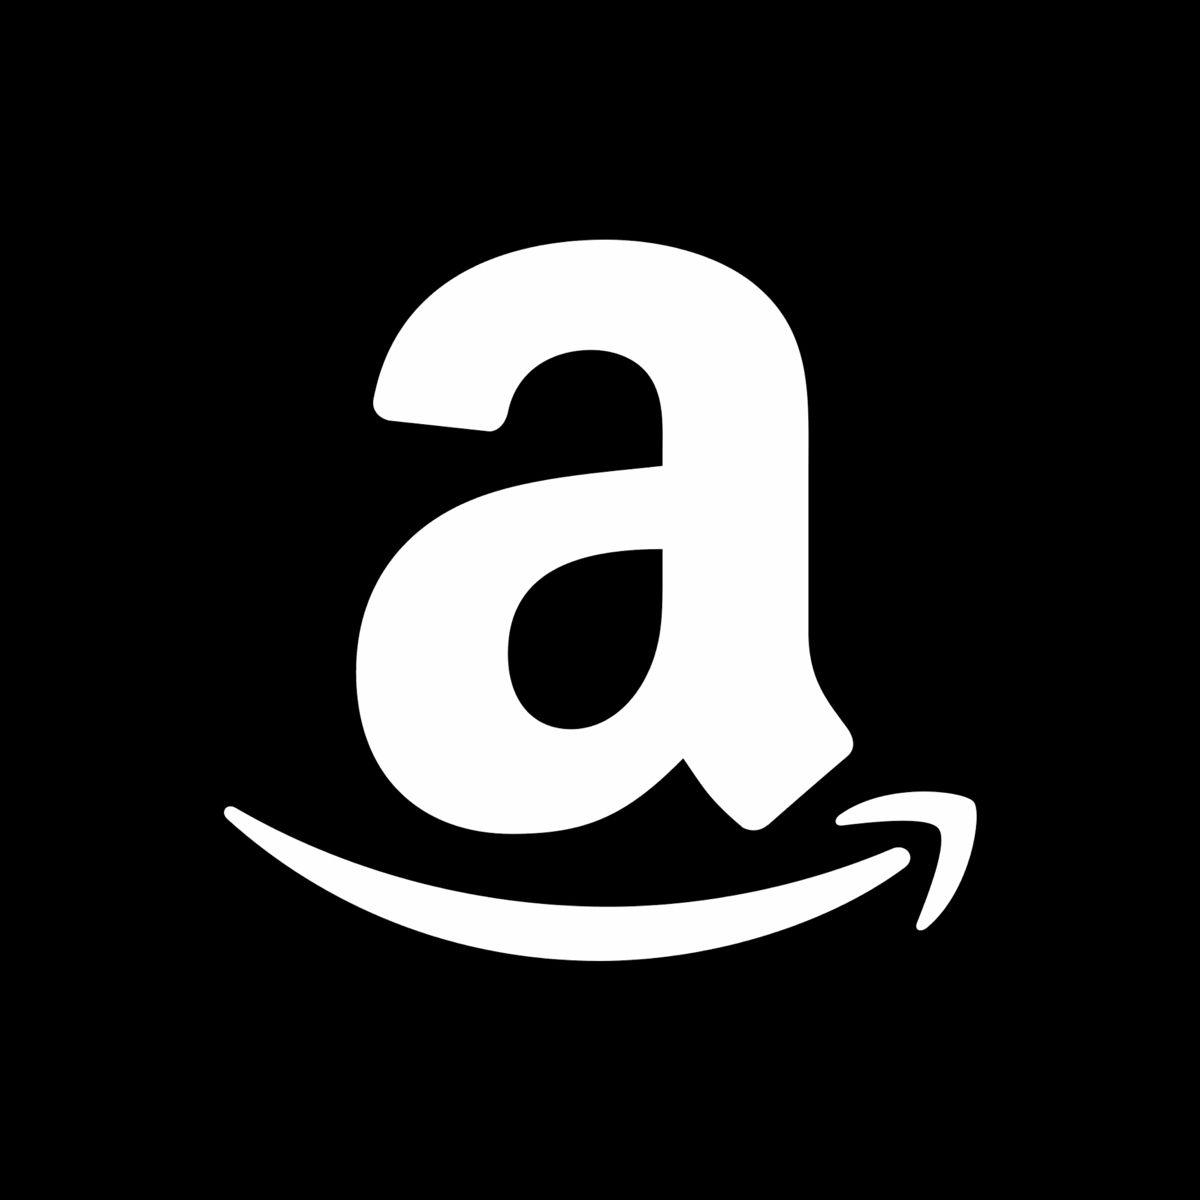 icon-amazon